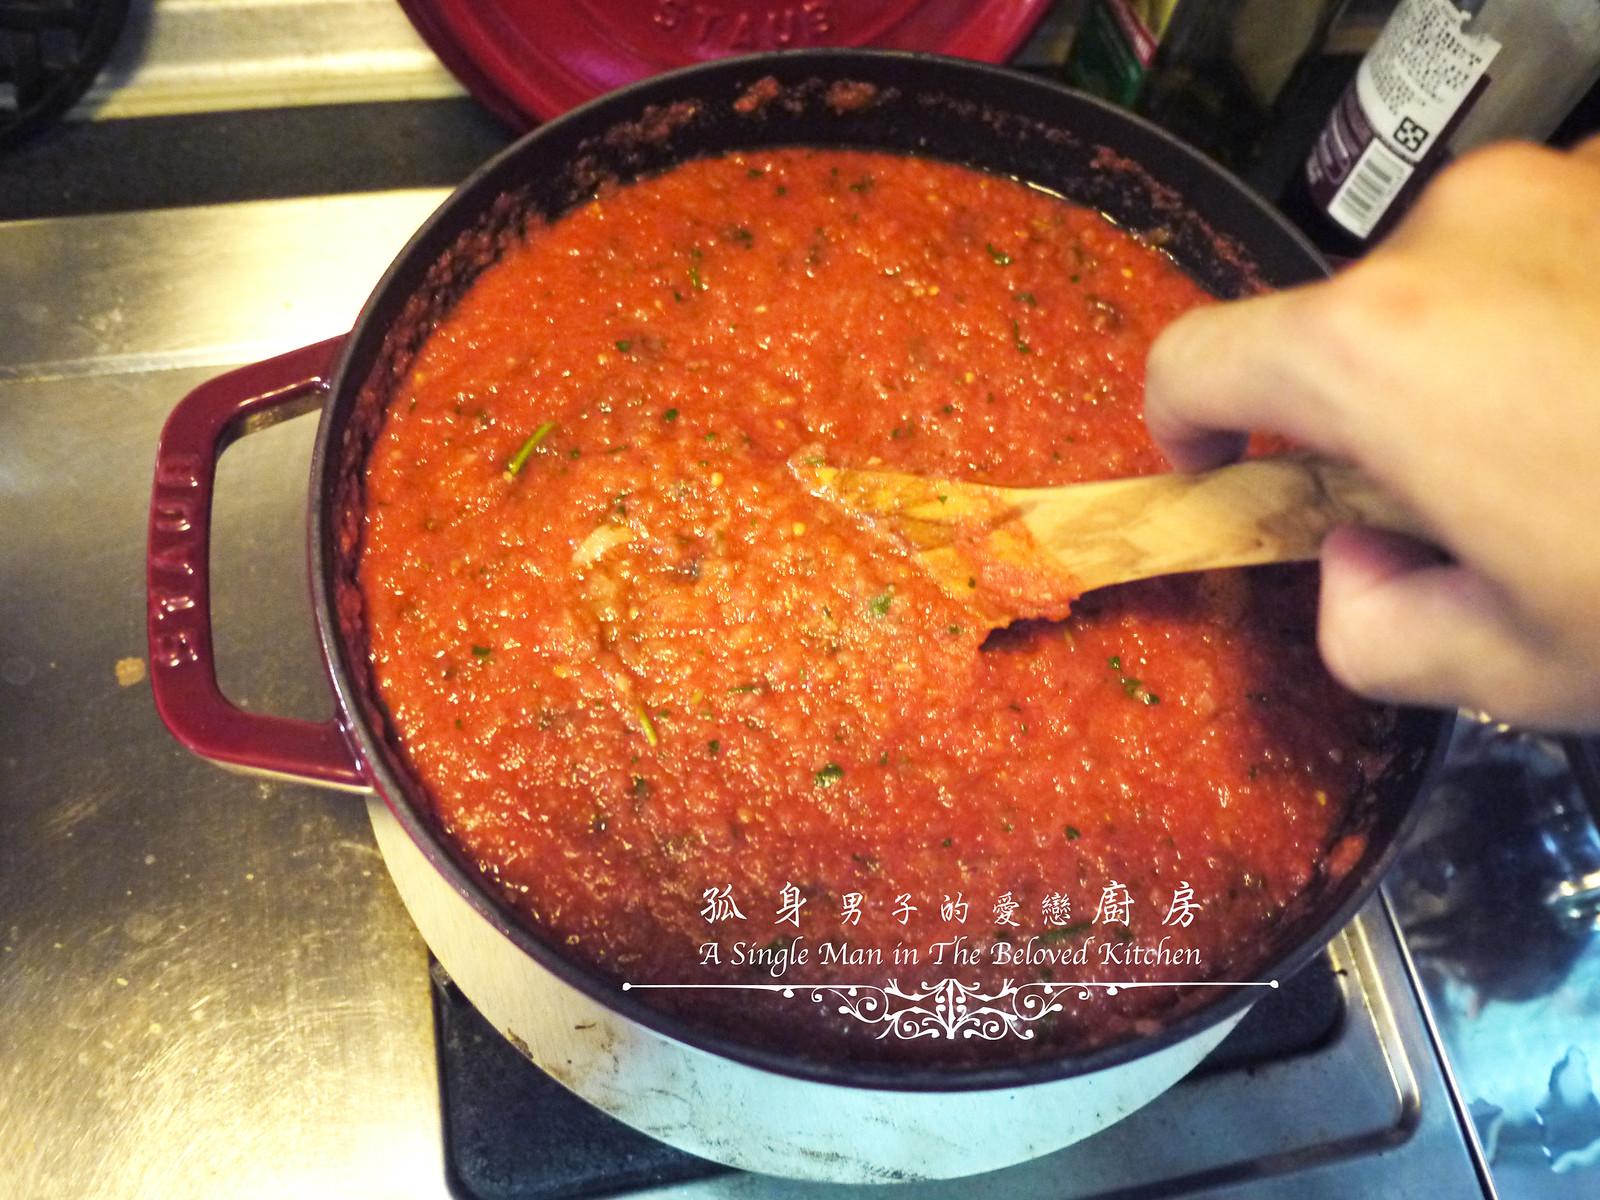 孤身廚房-義大利茄汁紅醬罐頭--自己的紅醬罐頭自己做。不求人17